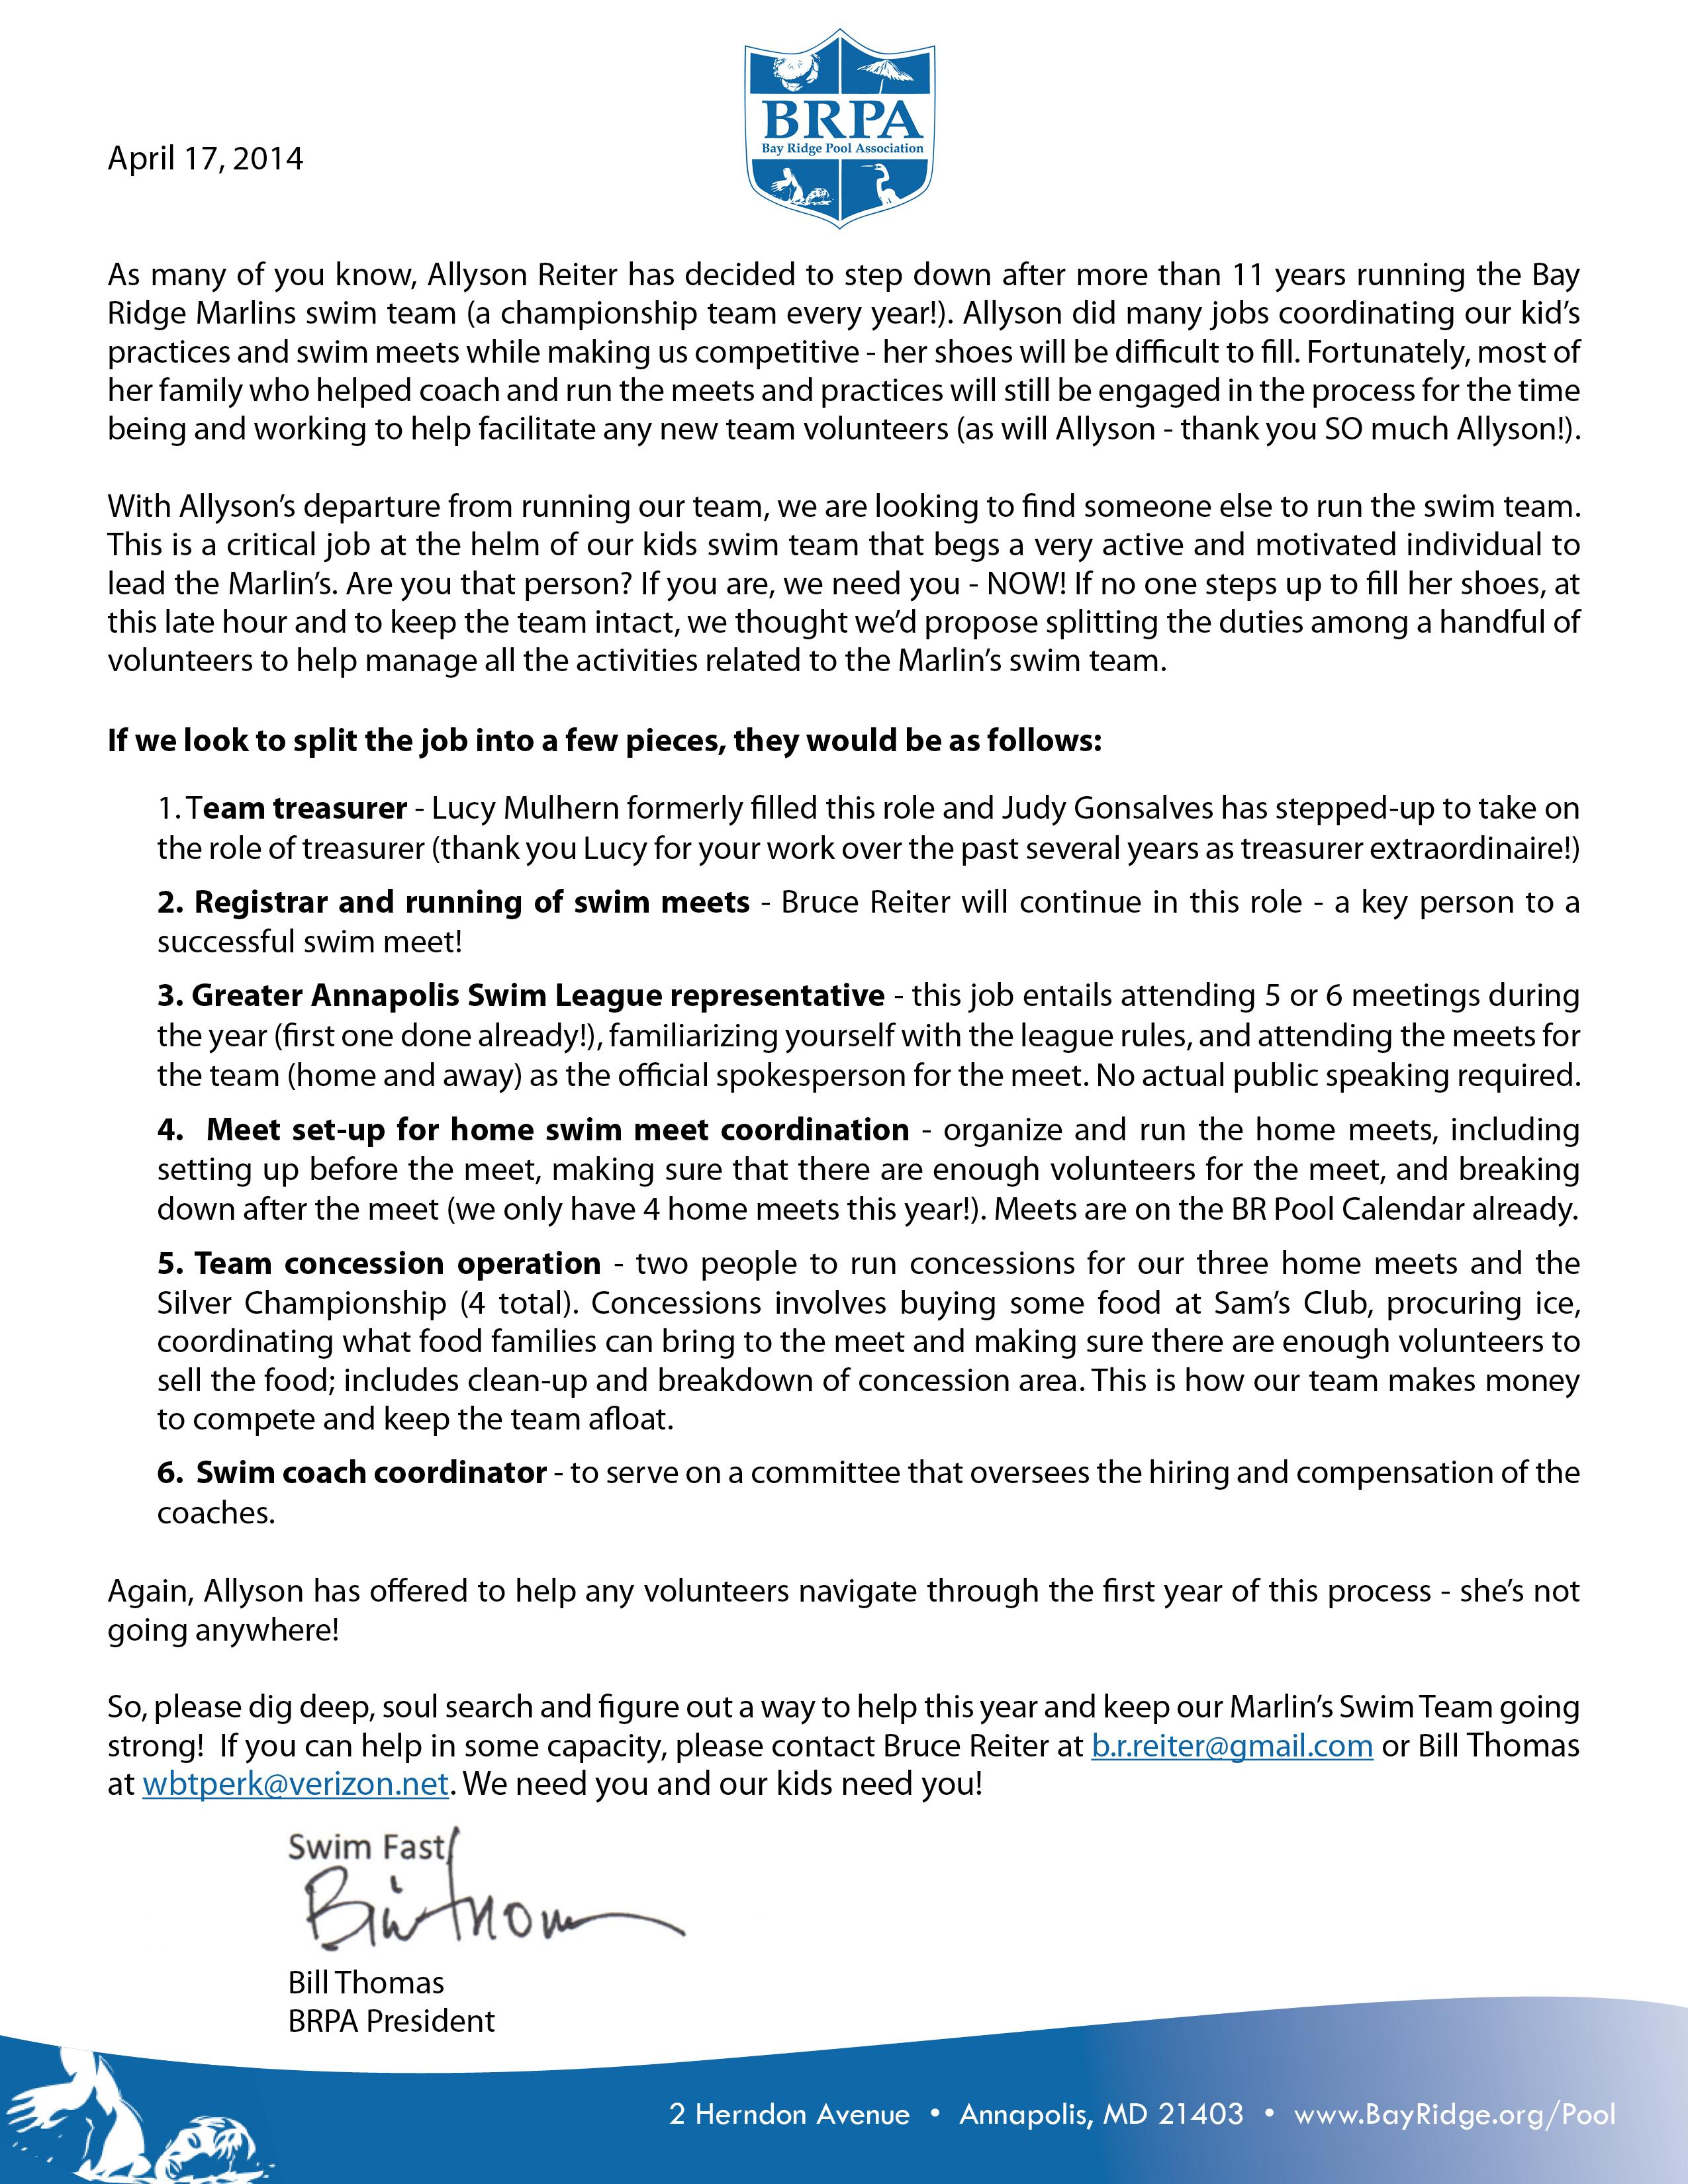 BRPA Coachs Letter